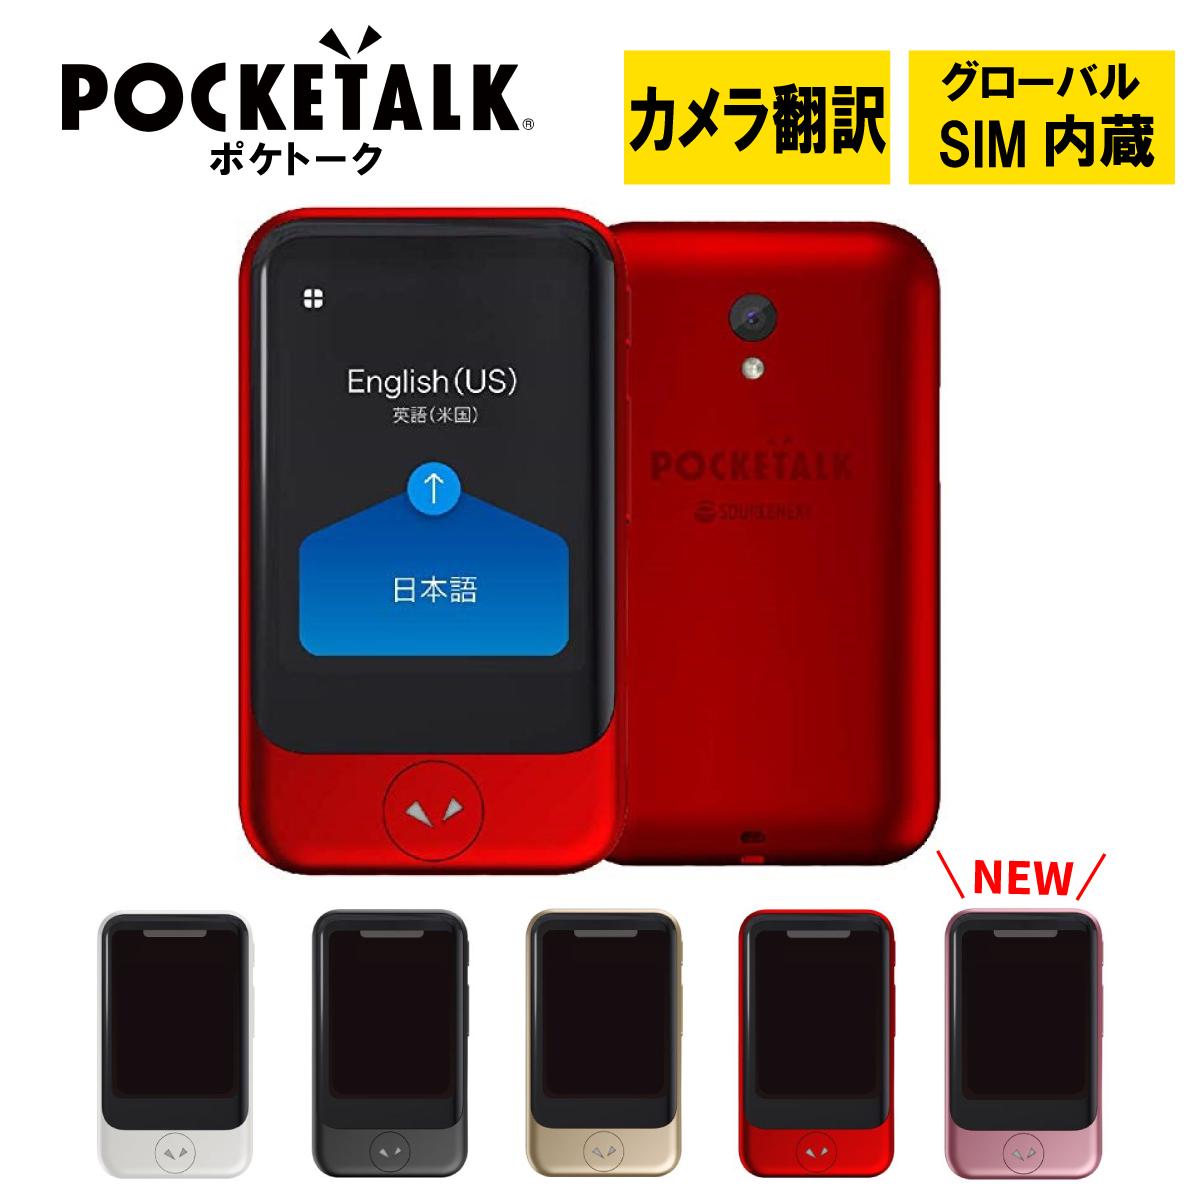 ポケトーク S 本体 レッド 赤 PTSGR ソースネクスト POCKETALK S グローバル通信2年付き SIM内蔵モデル 音声翻訳 カメラ搭載 新型 1年保証 送料無料